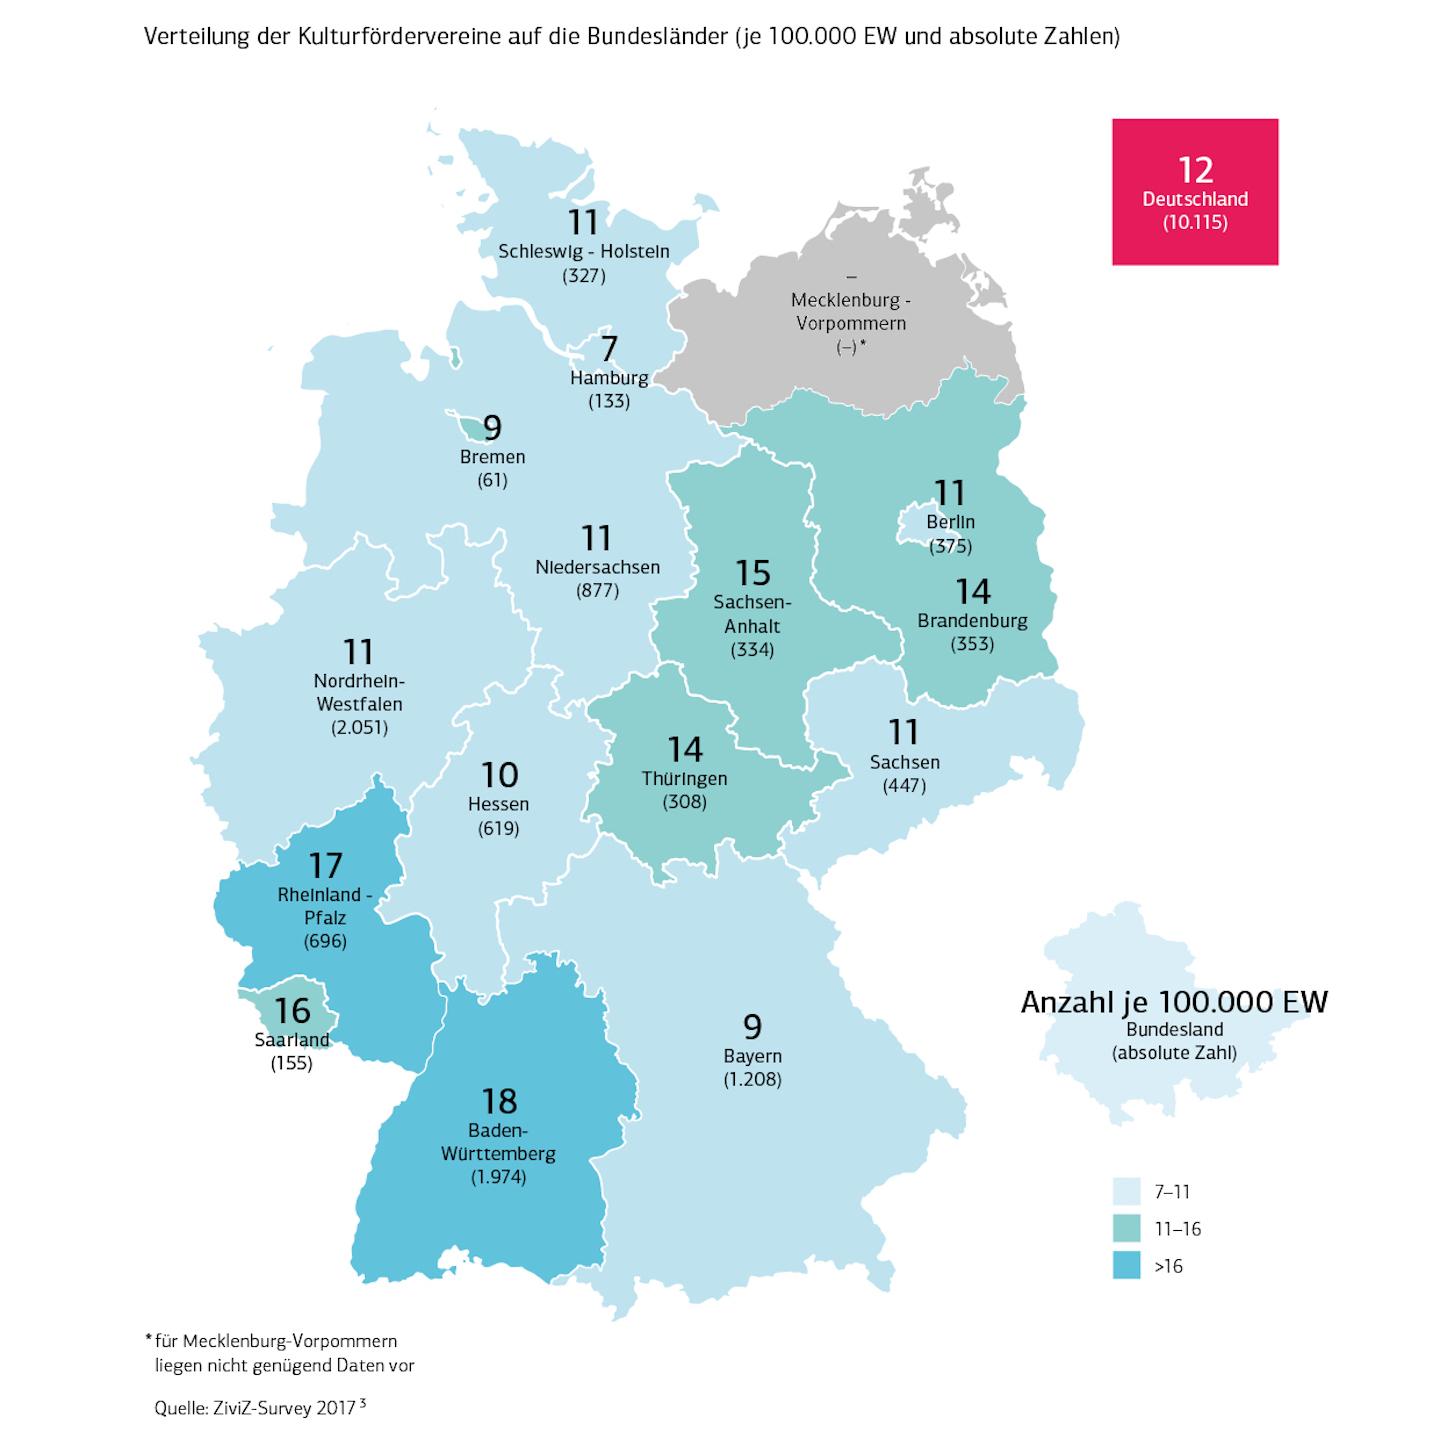 Verteilung der Kulturfoerdervereine auf die Bundesländer, Copyright: DAKU/ZiviZ